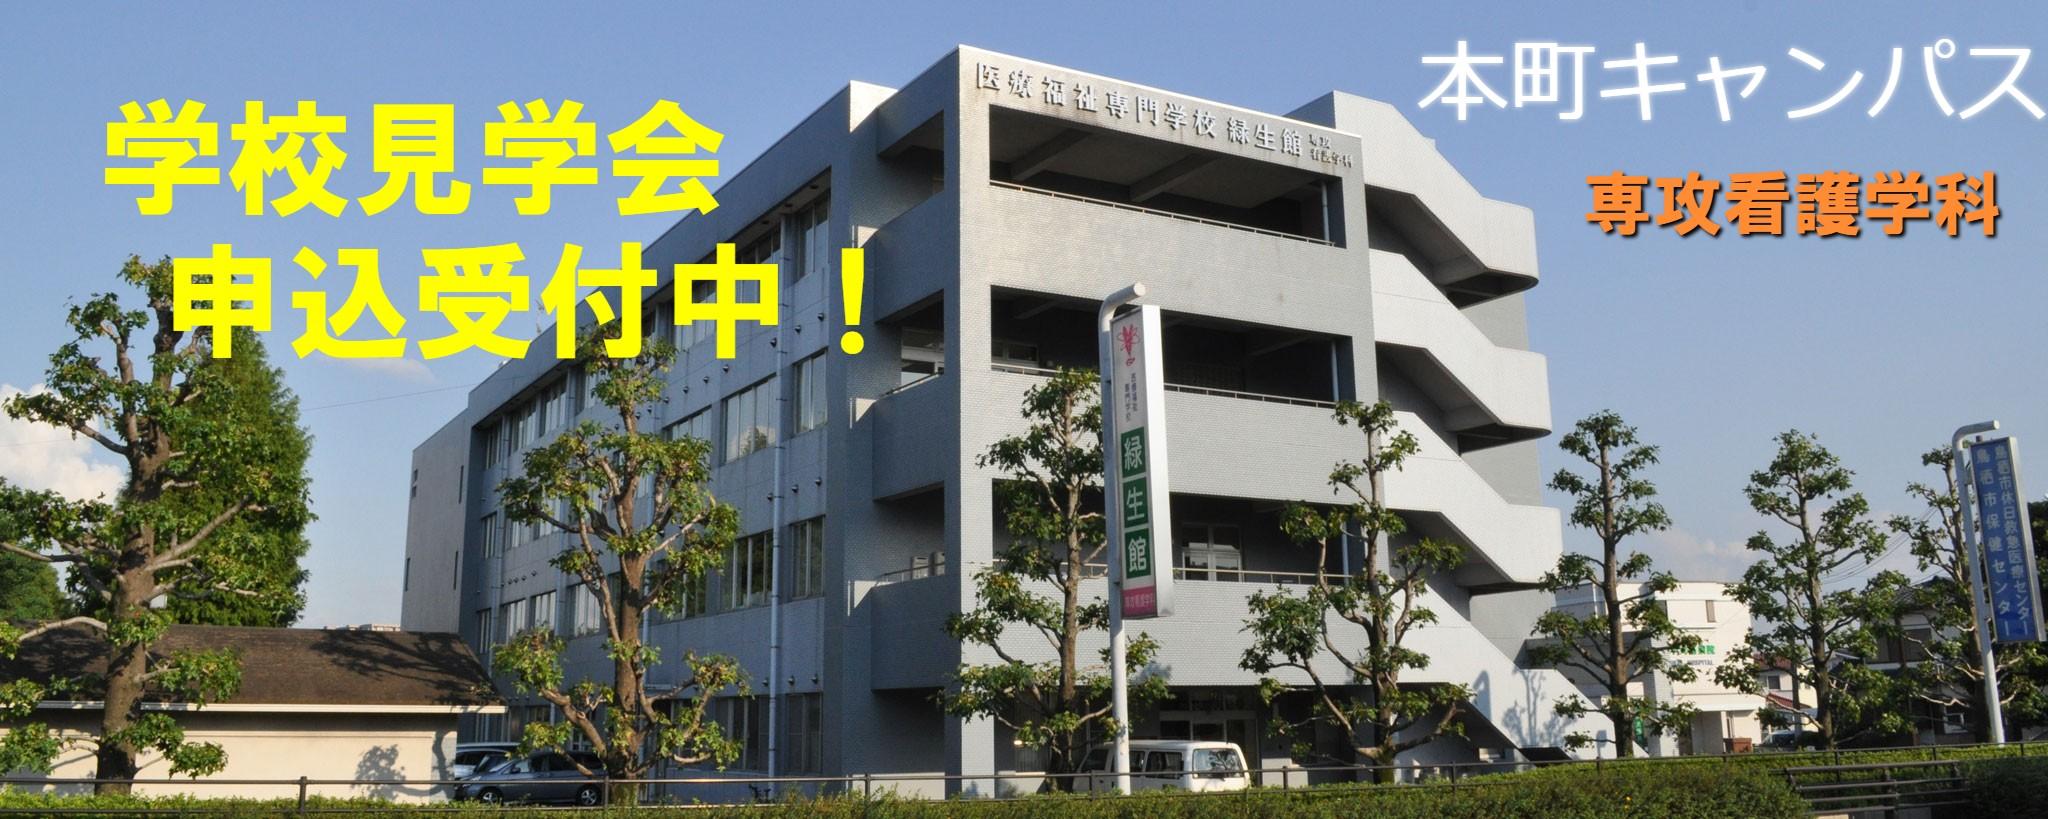 本町キャンパス